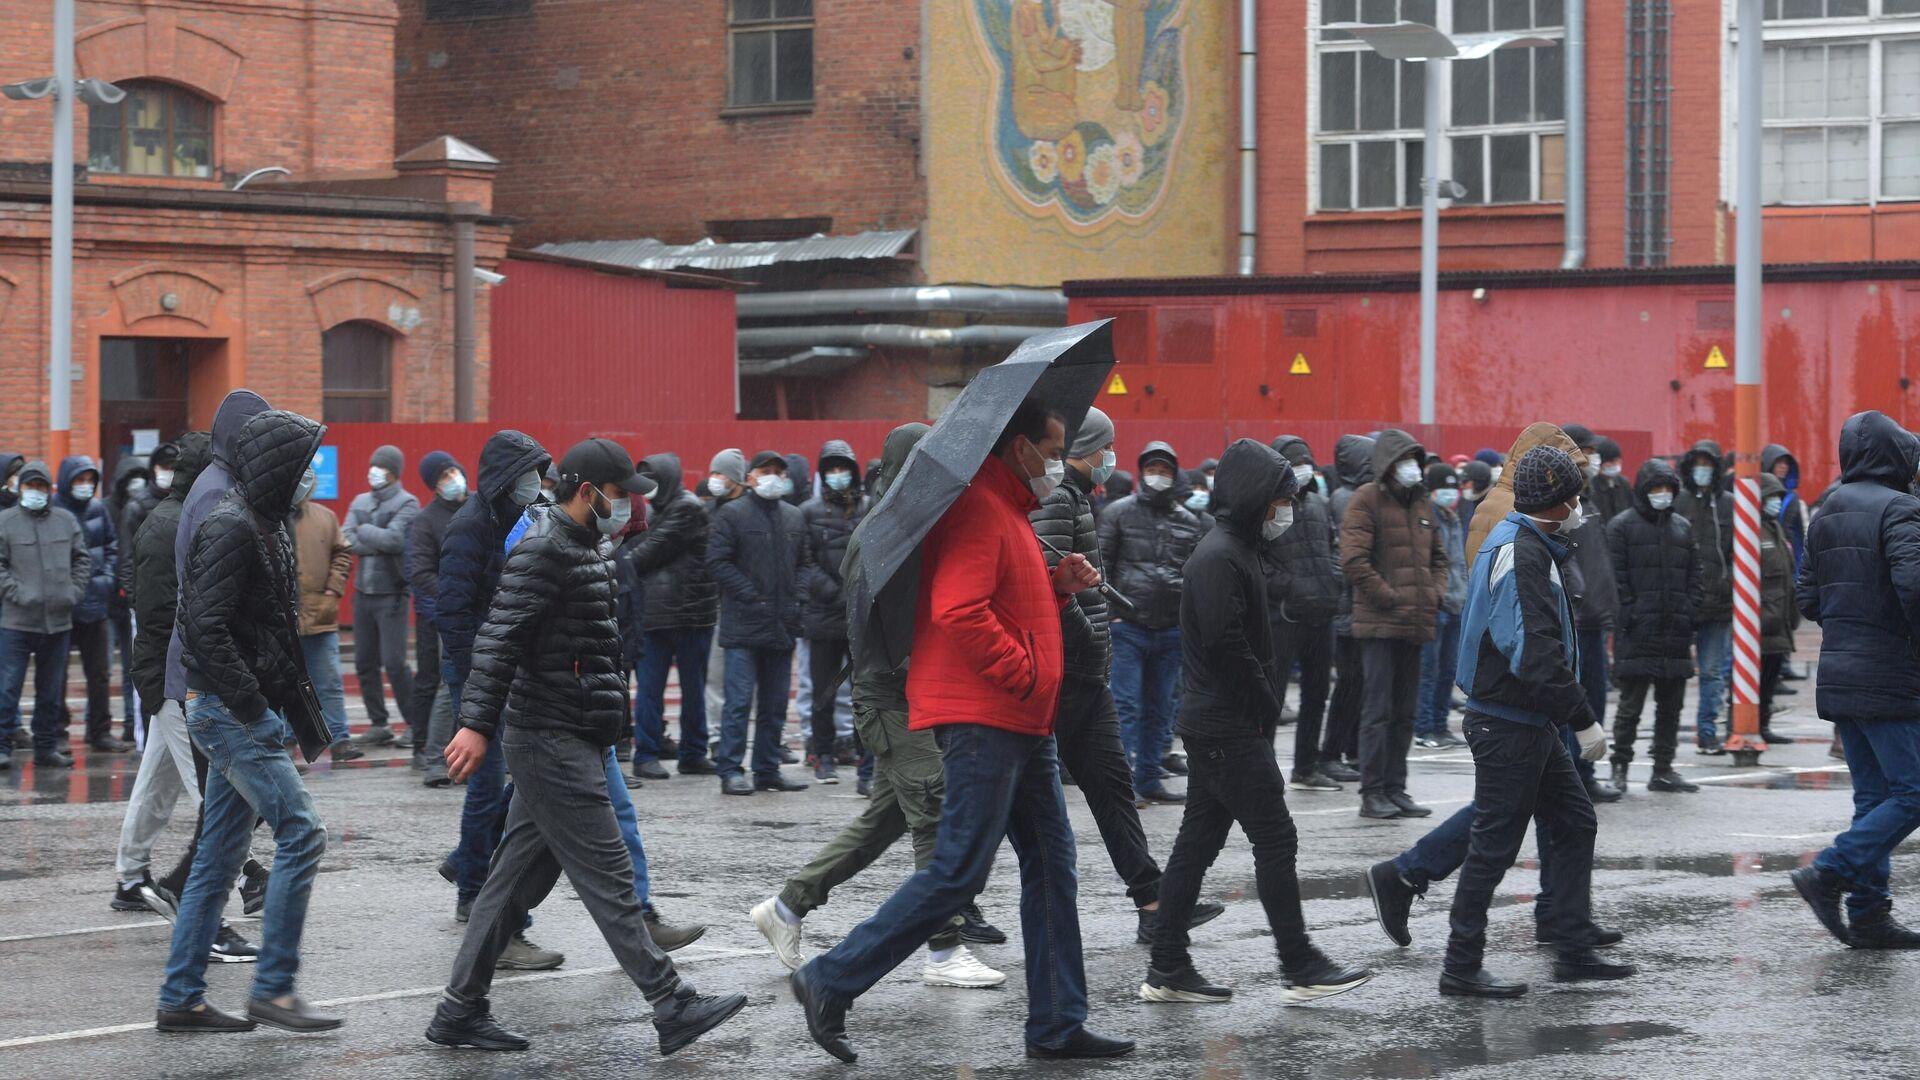 Мигранты стоят в очереди у здания УФМС в Санкт-Петербурге в период самоизоляции в связи с коронавирусом - РИА Новости, 1920, 19.04.2021